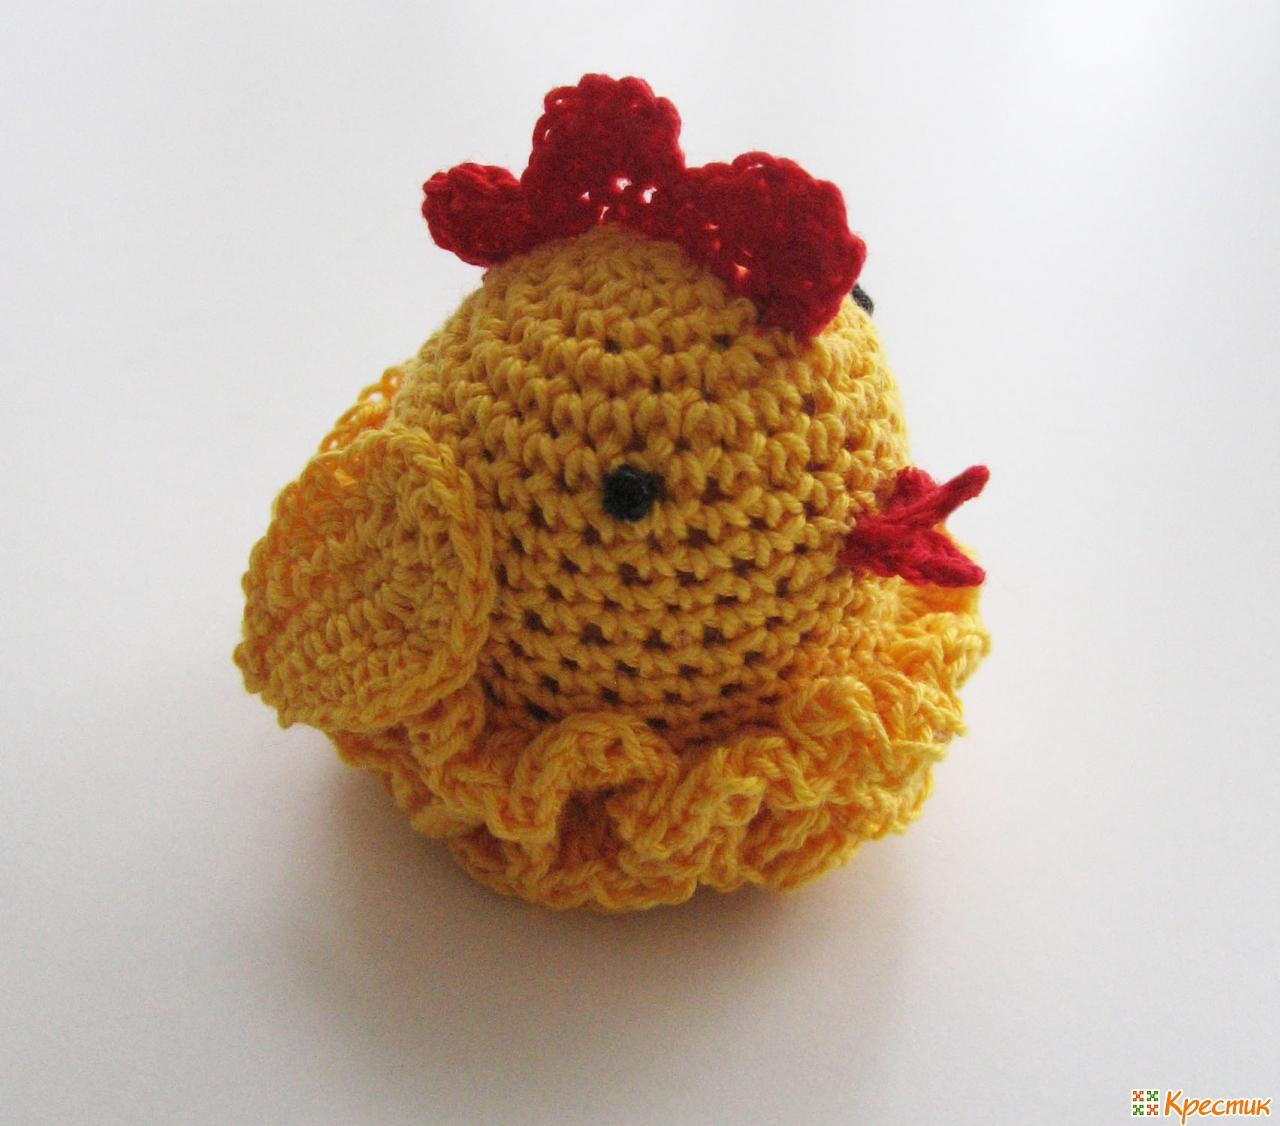 Поделка из яйца своими руками пасхальное яйцо фото 204